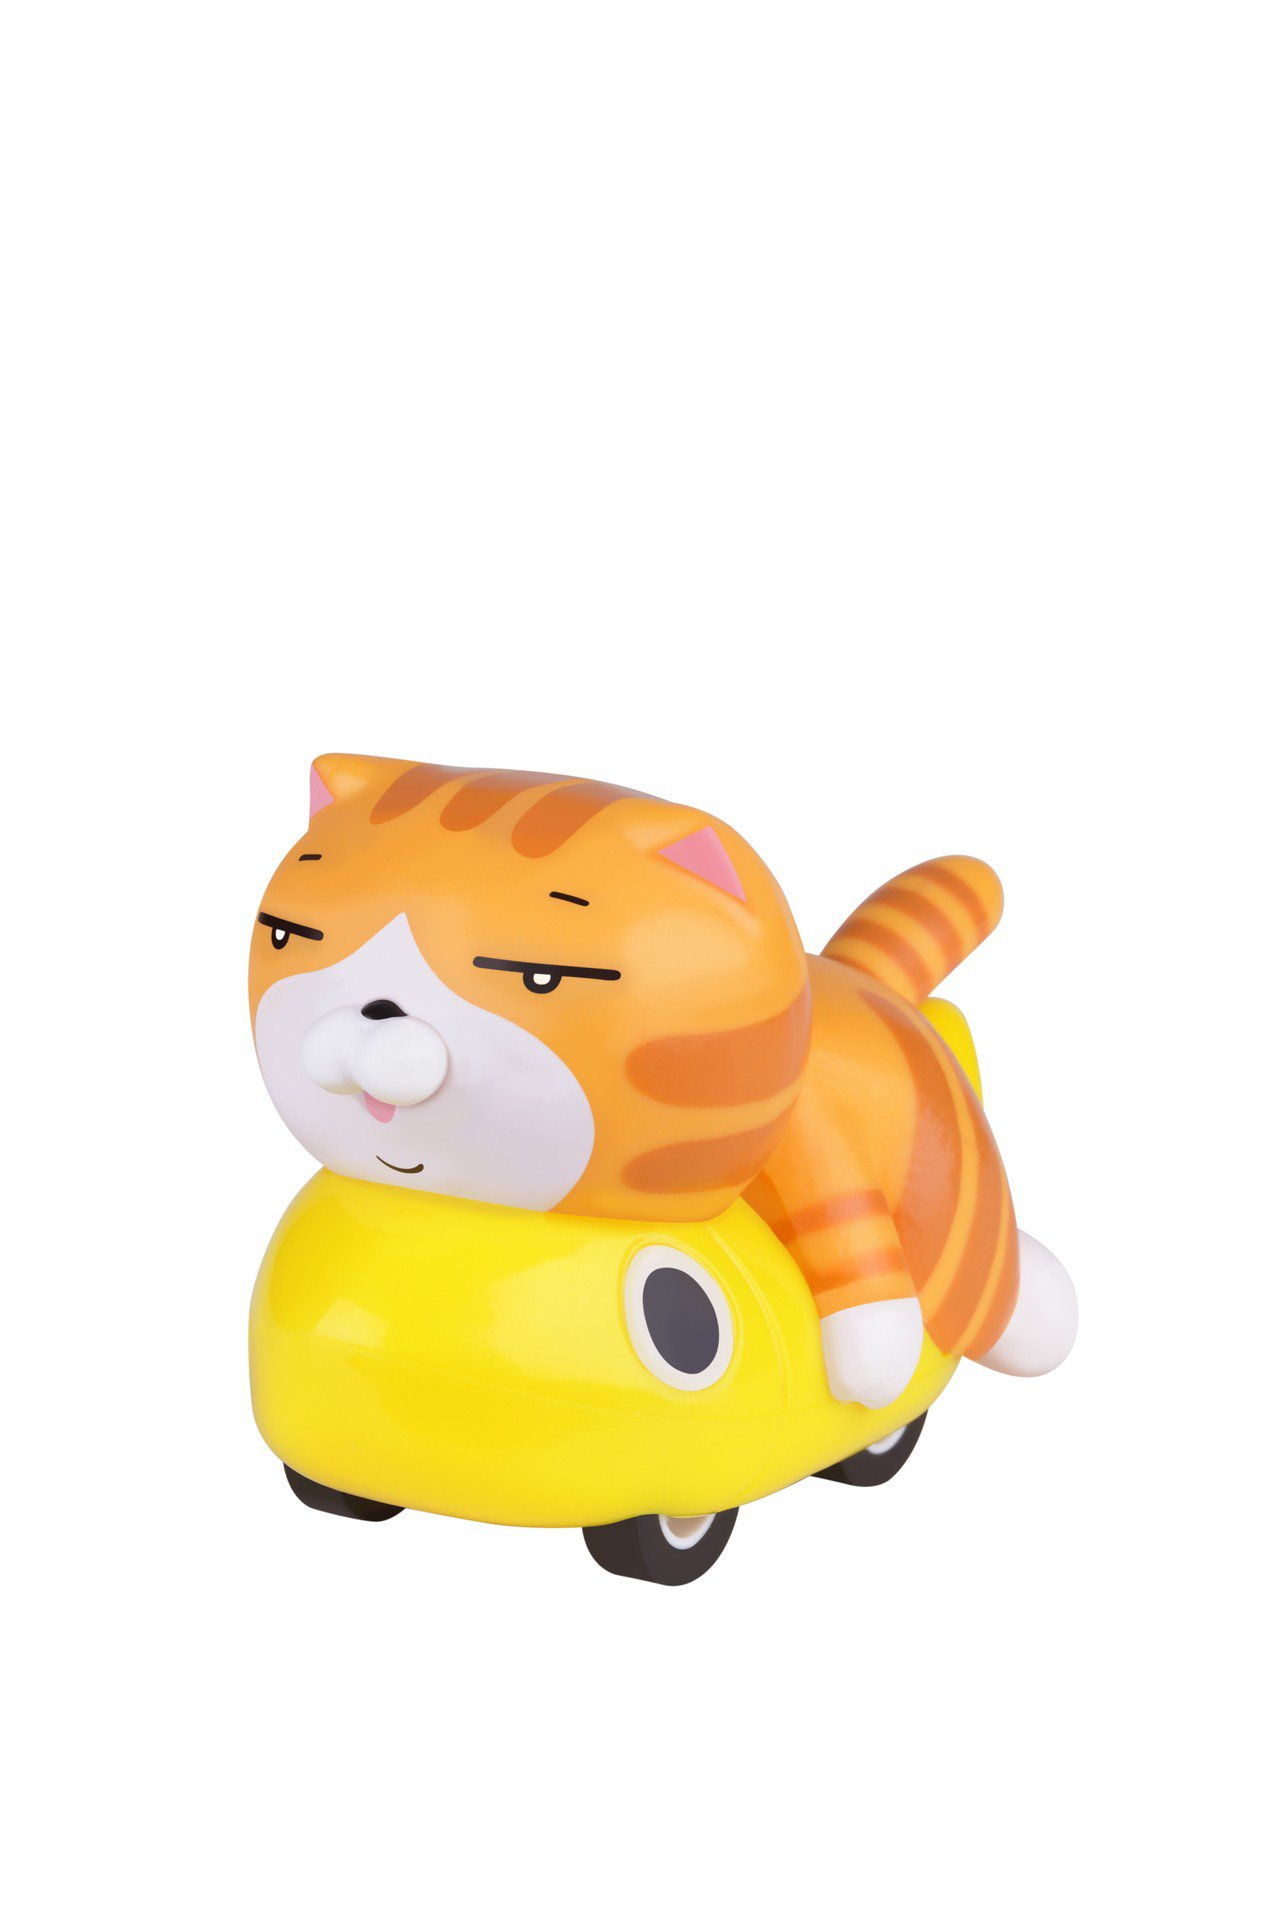 白爛貓「最愛那條魚迴力車」最愛黃金魚款,7月17日起第二波推出,限量10萬台。圖...